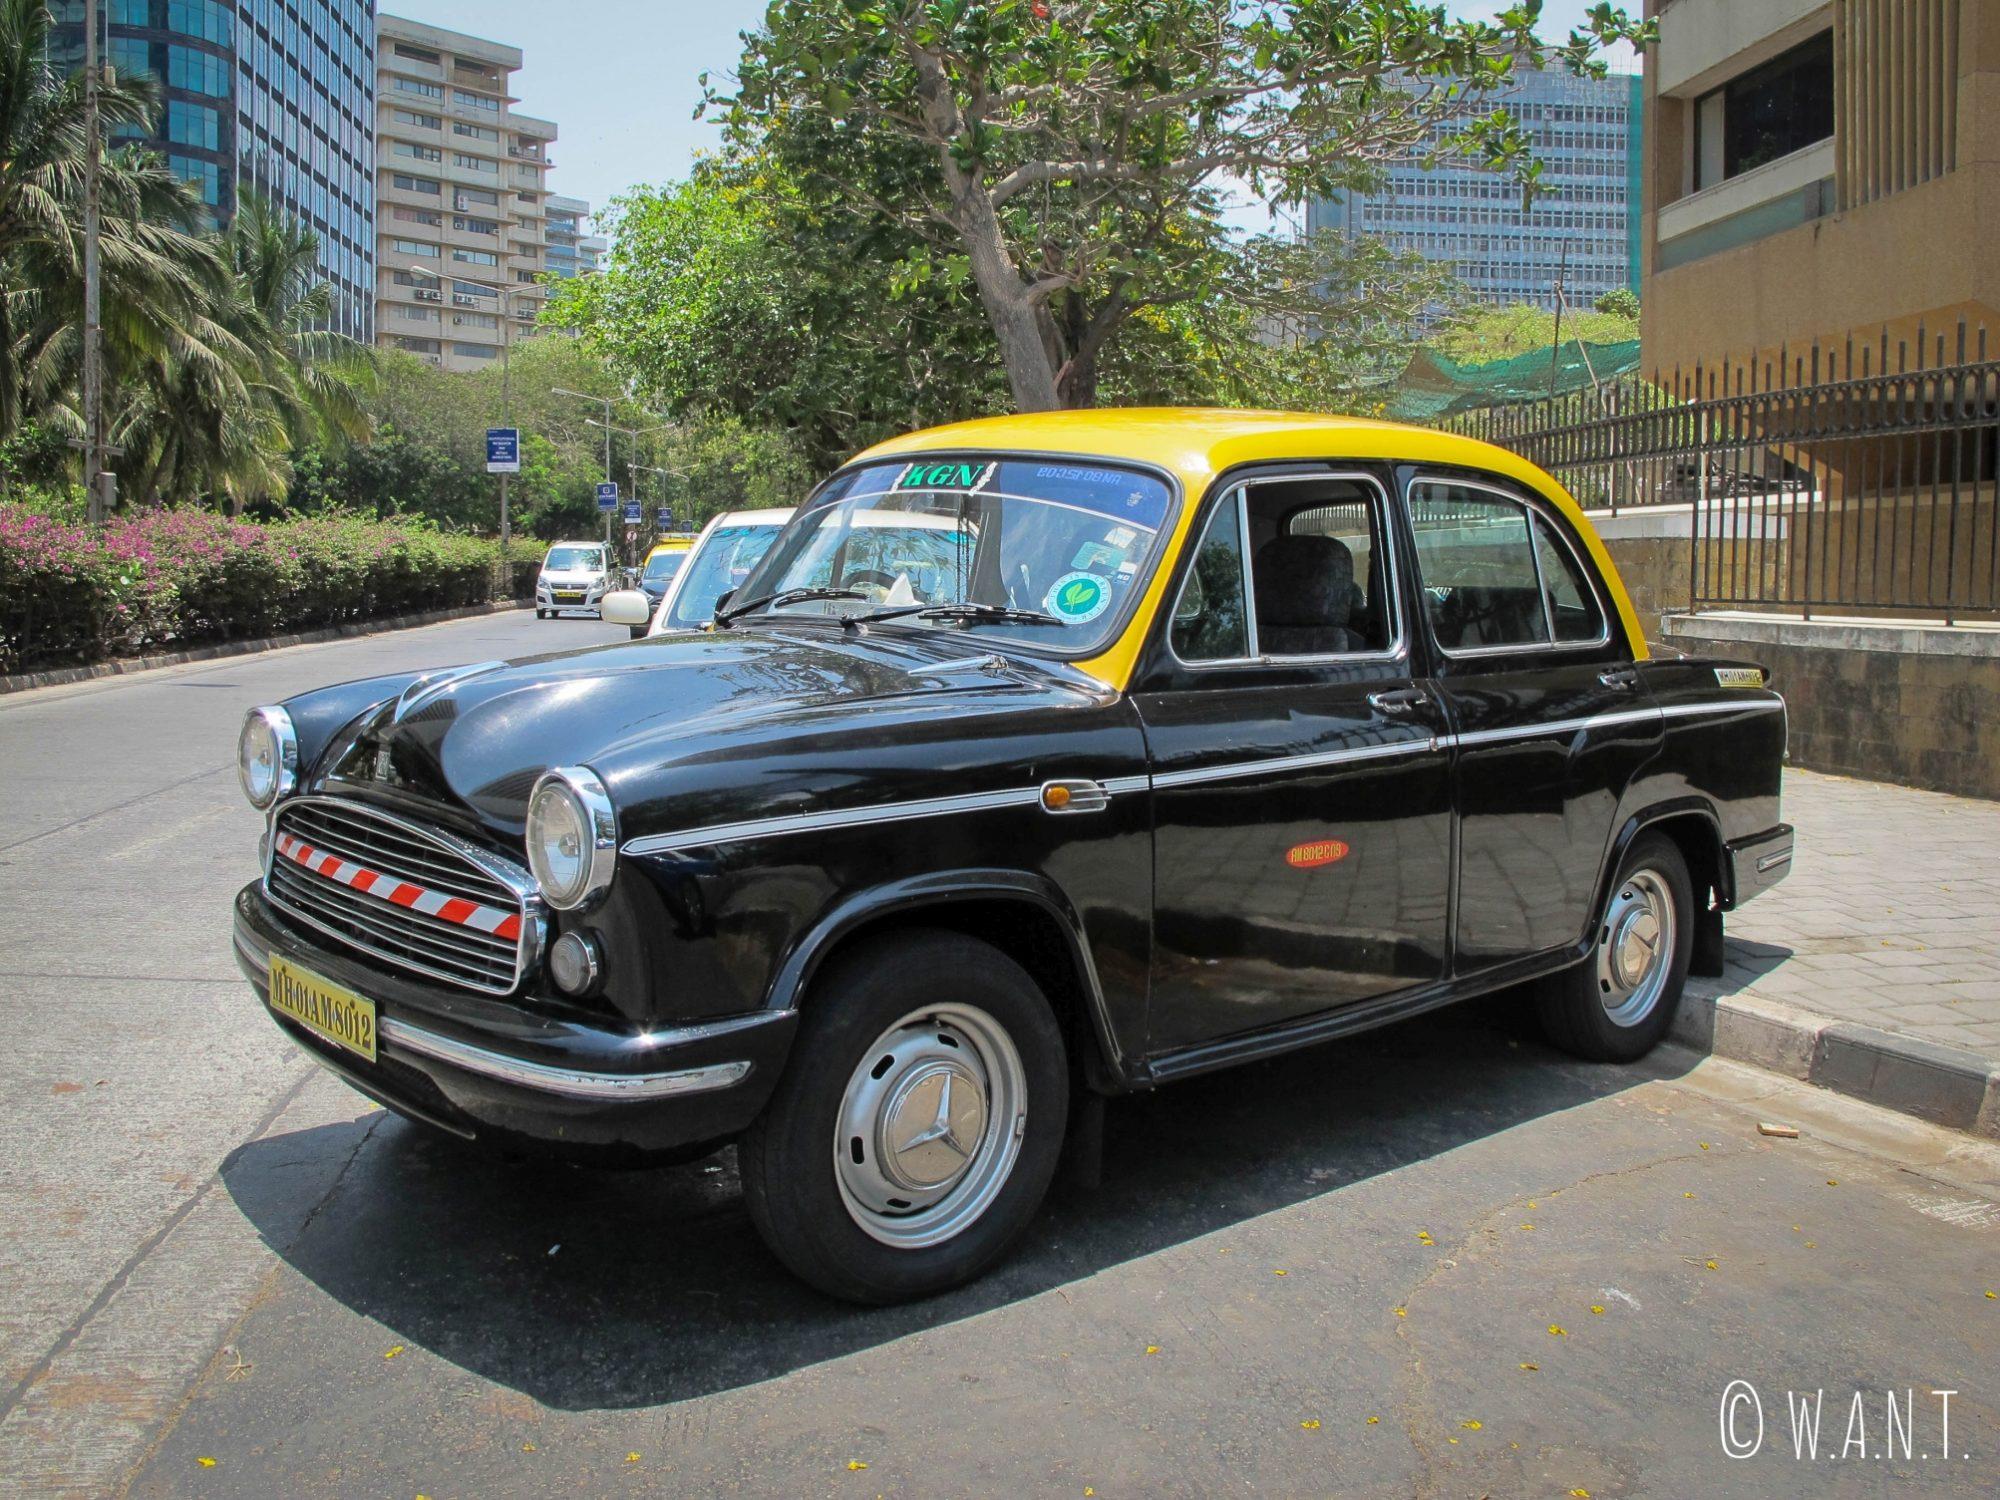 Taxi de Mumbai dans le quartier des affaires